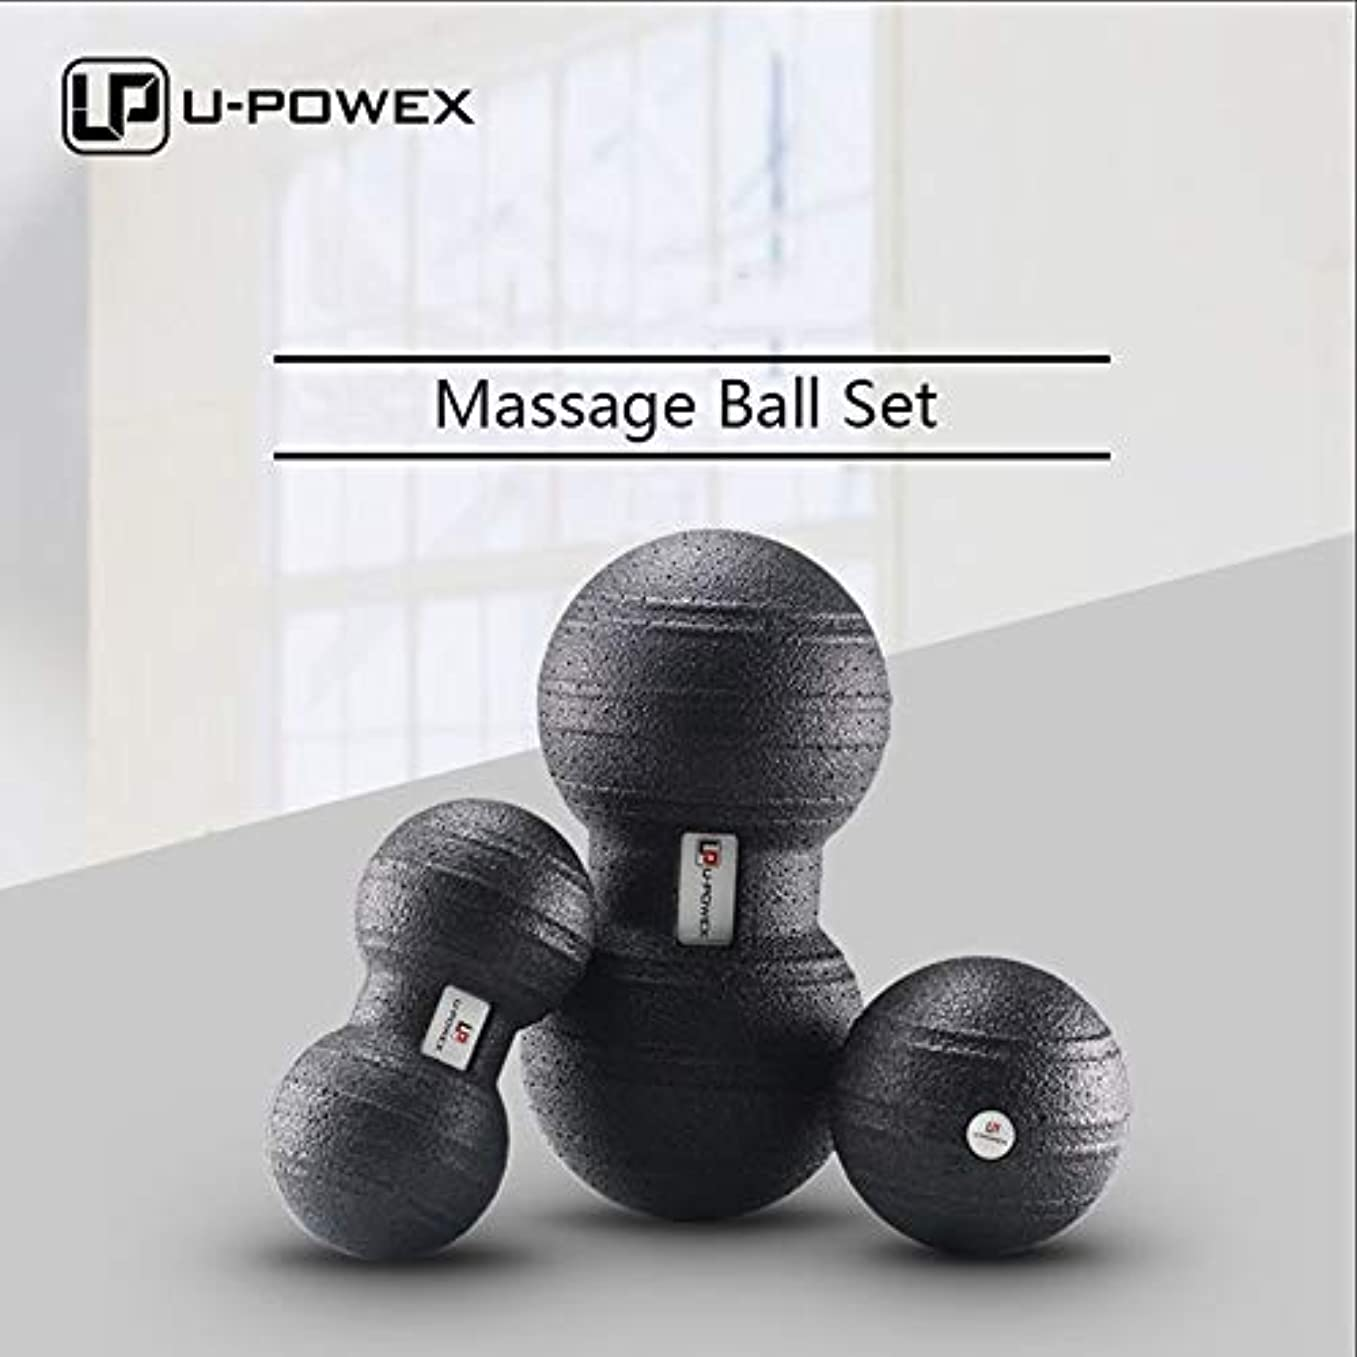 没頭する天才変化マッサージボール筋筋膜および筋肉マッサージボールセット3 in 1シングルボール8 cmまたはダブルボール12 x 24 cm - 100%非毒性のリサイクル可能な背中、肩、足